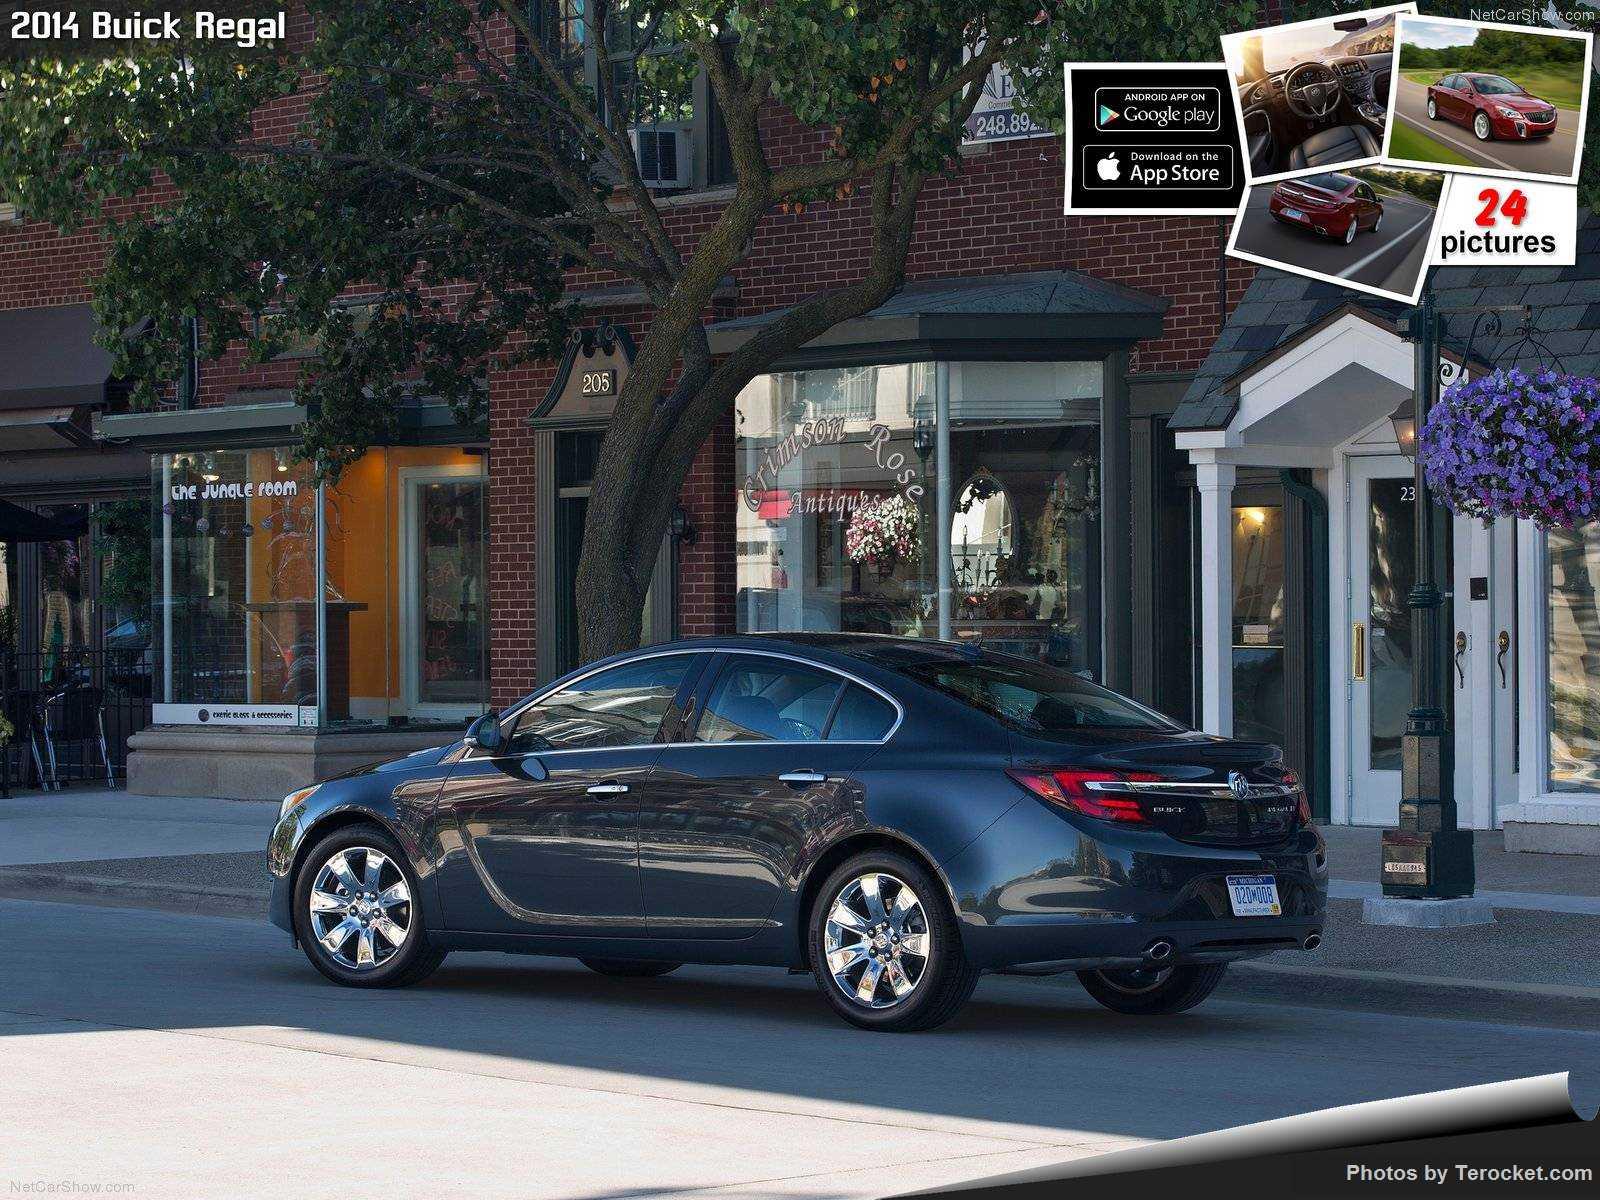 Hình ảnh xe ô tô Buick Regal 2014 & nội ngoại thất